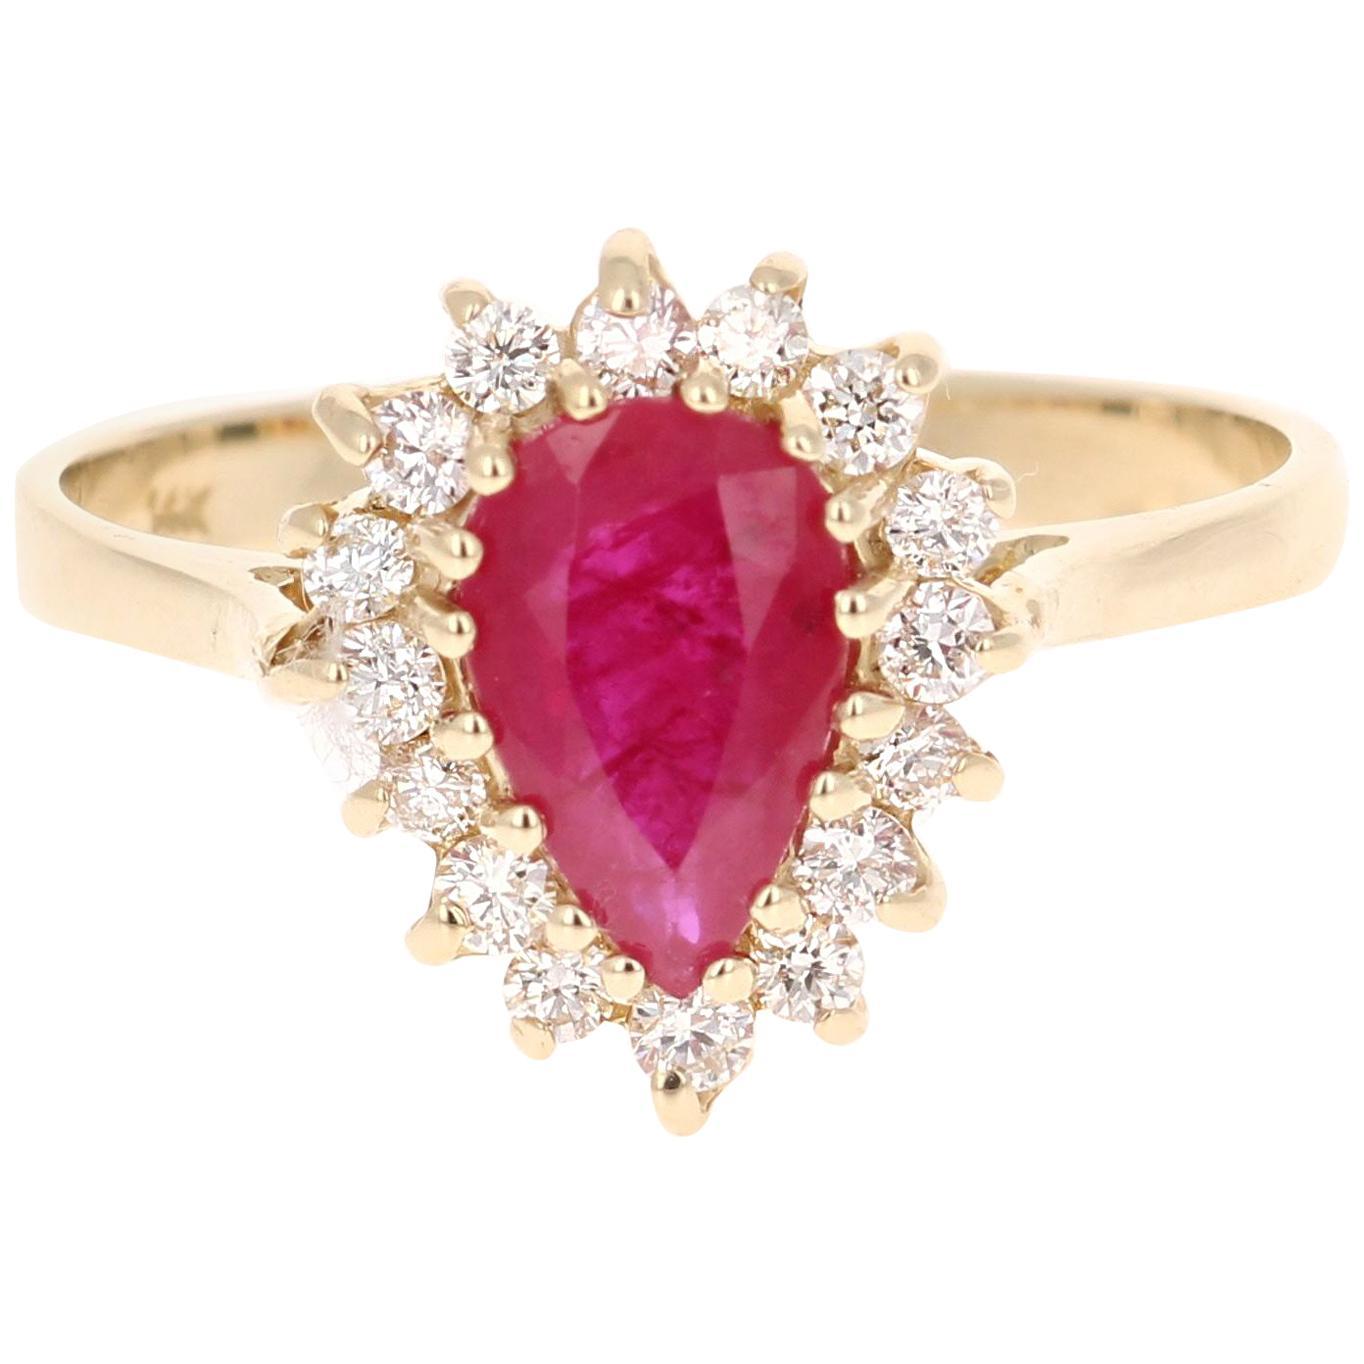 1.45 Carat Ruby Diamond 14 Karat Yellow Gold Ring